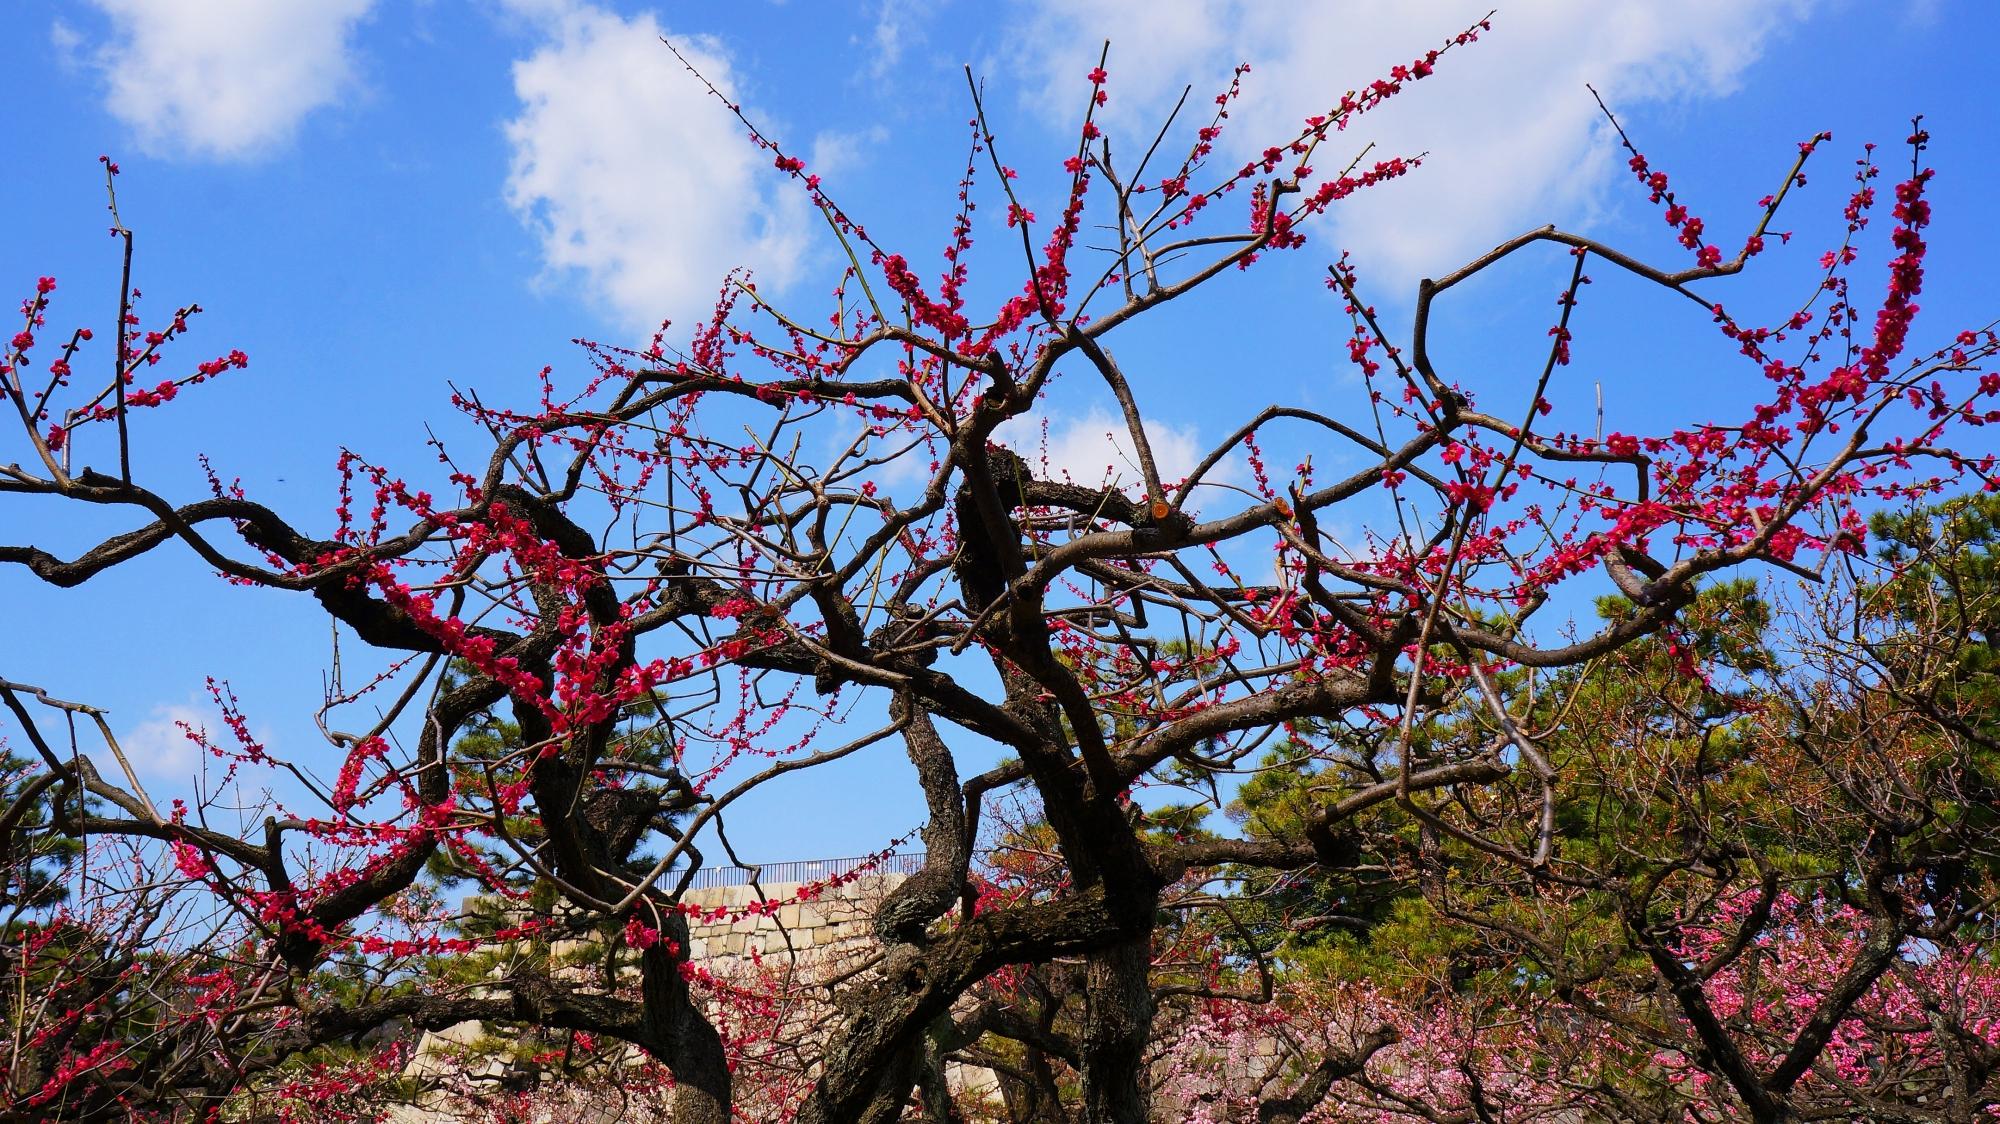 空を鮮やかに彩る芸術的な枝と花